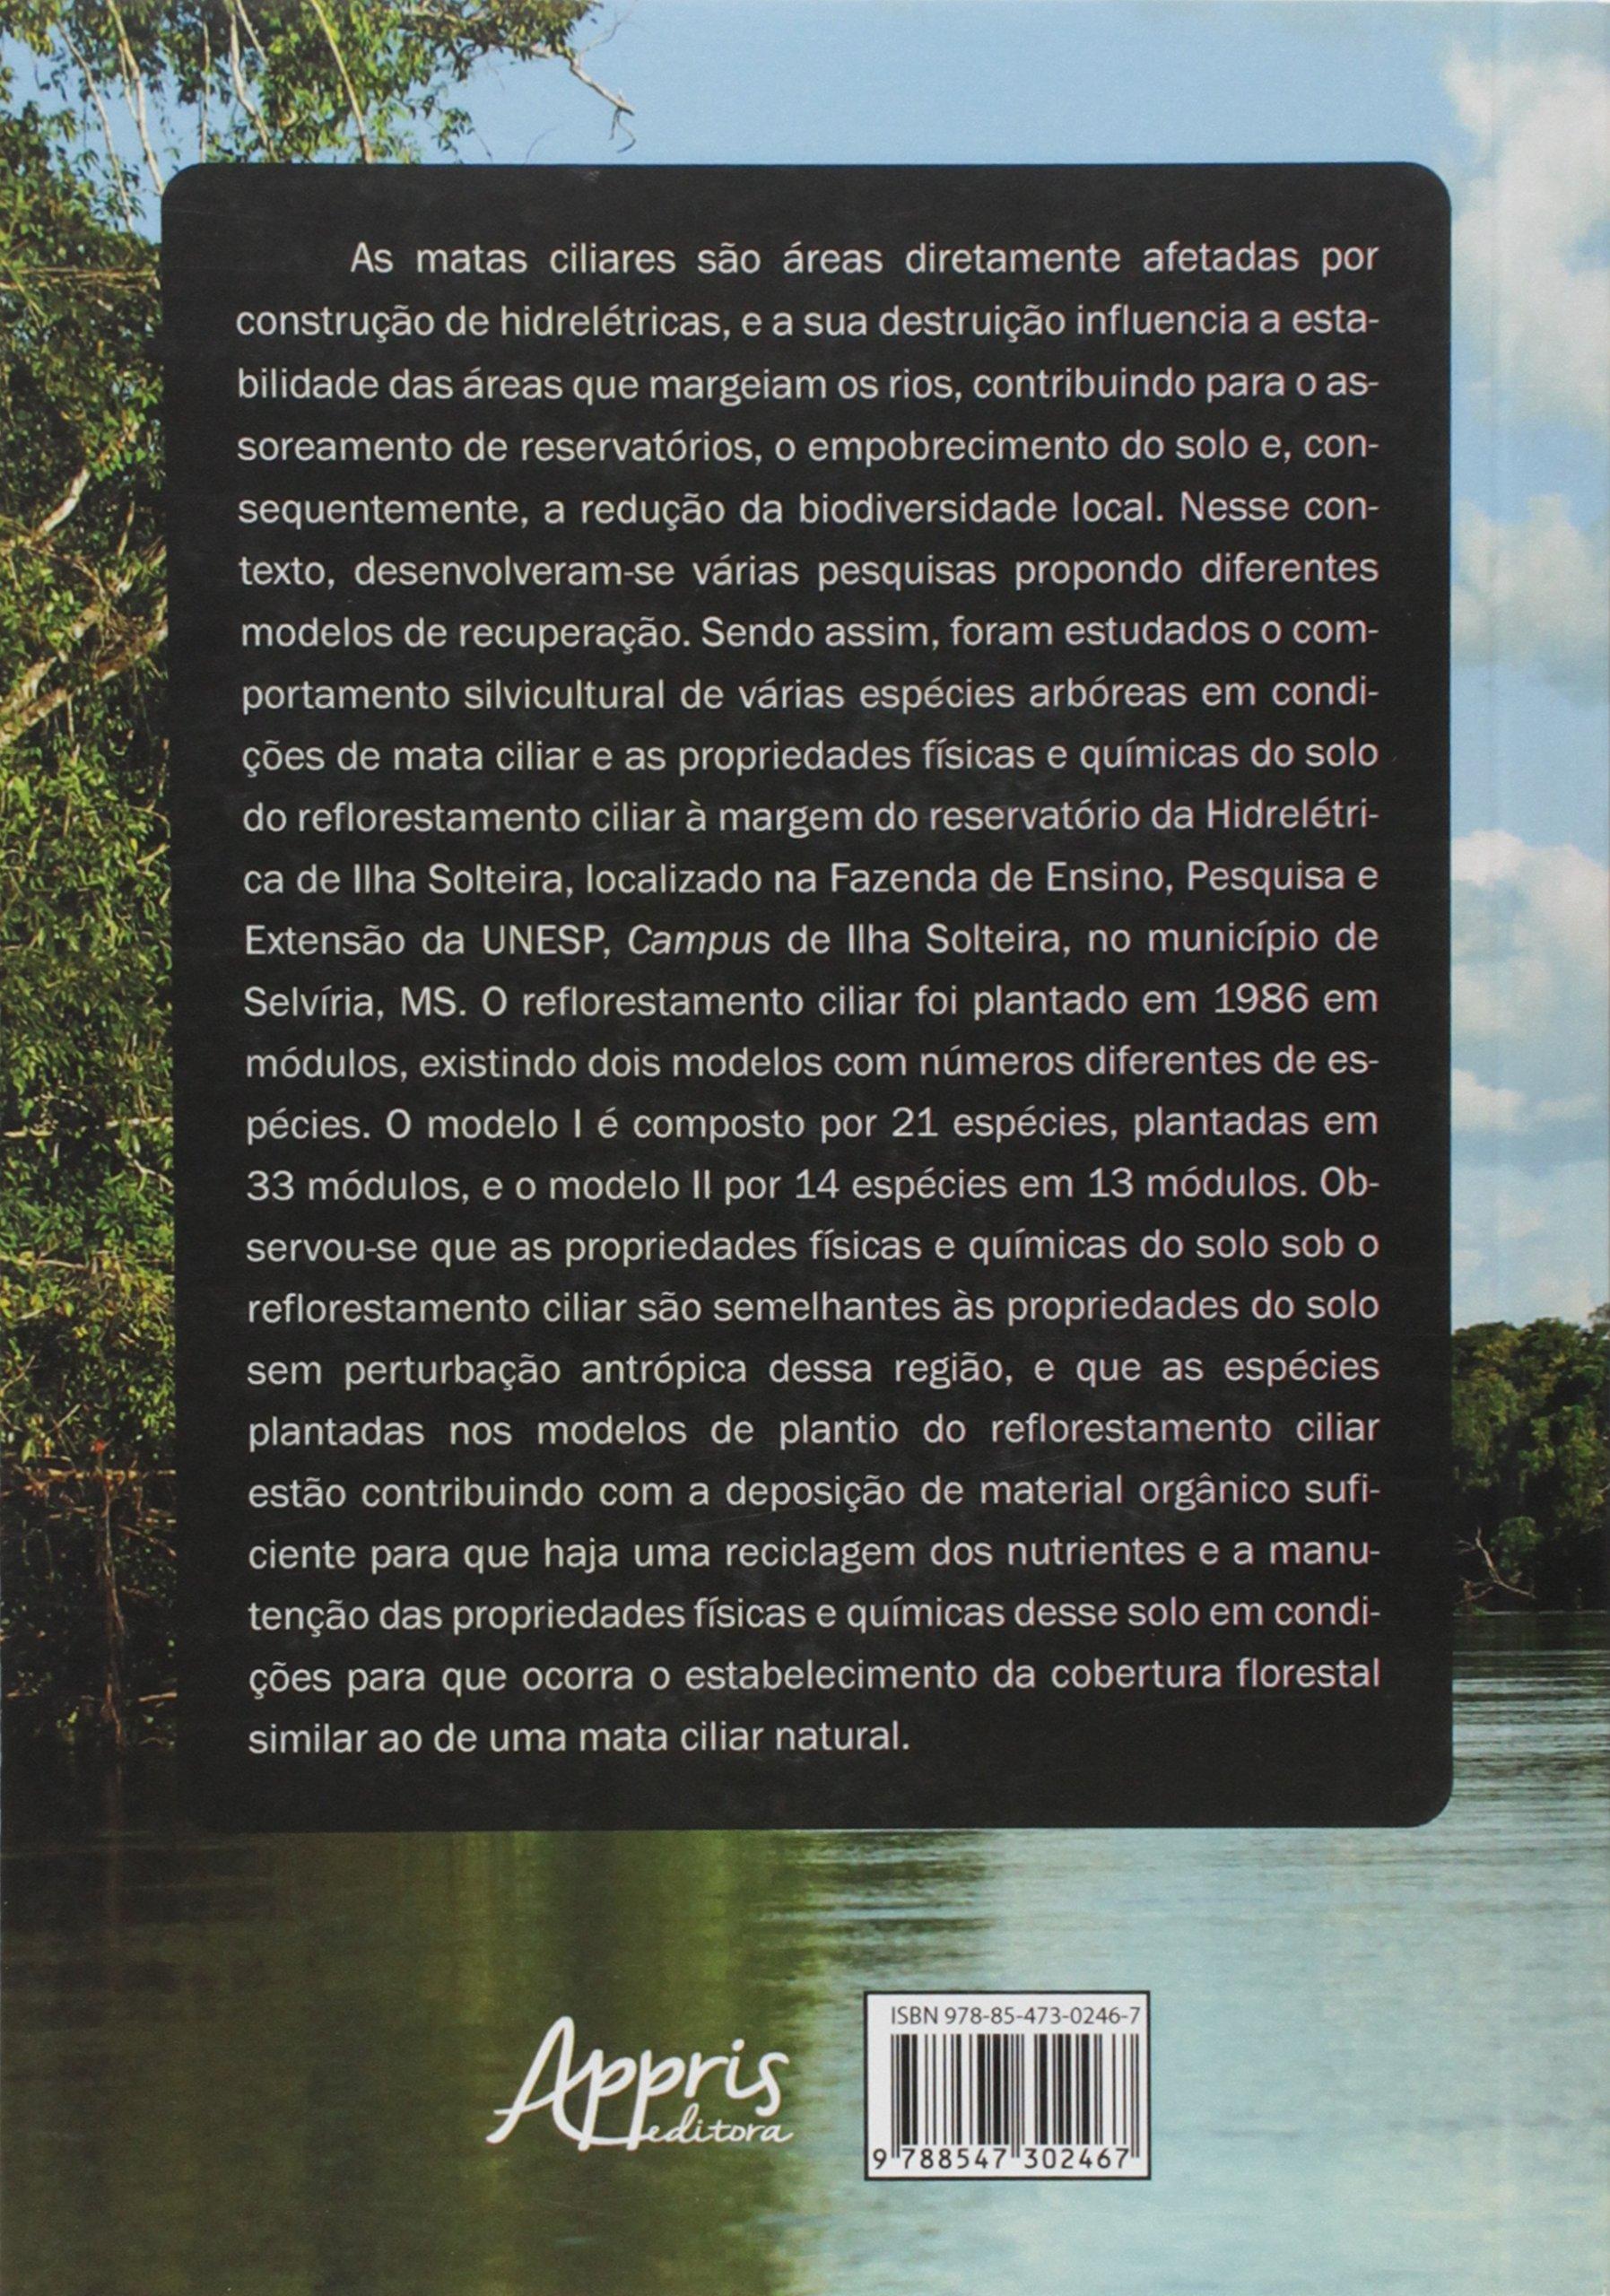 Reflorestamento Ciliar em Diferentes Modelos de Plantio: Margem do Reservatorio da Hidreletrica de Ilha Solteira: Alexandre Marques da Silva Martins, ...